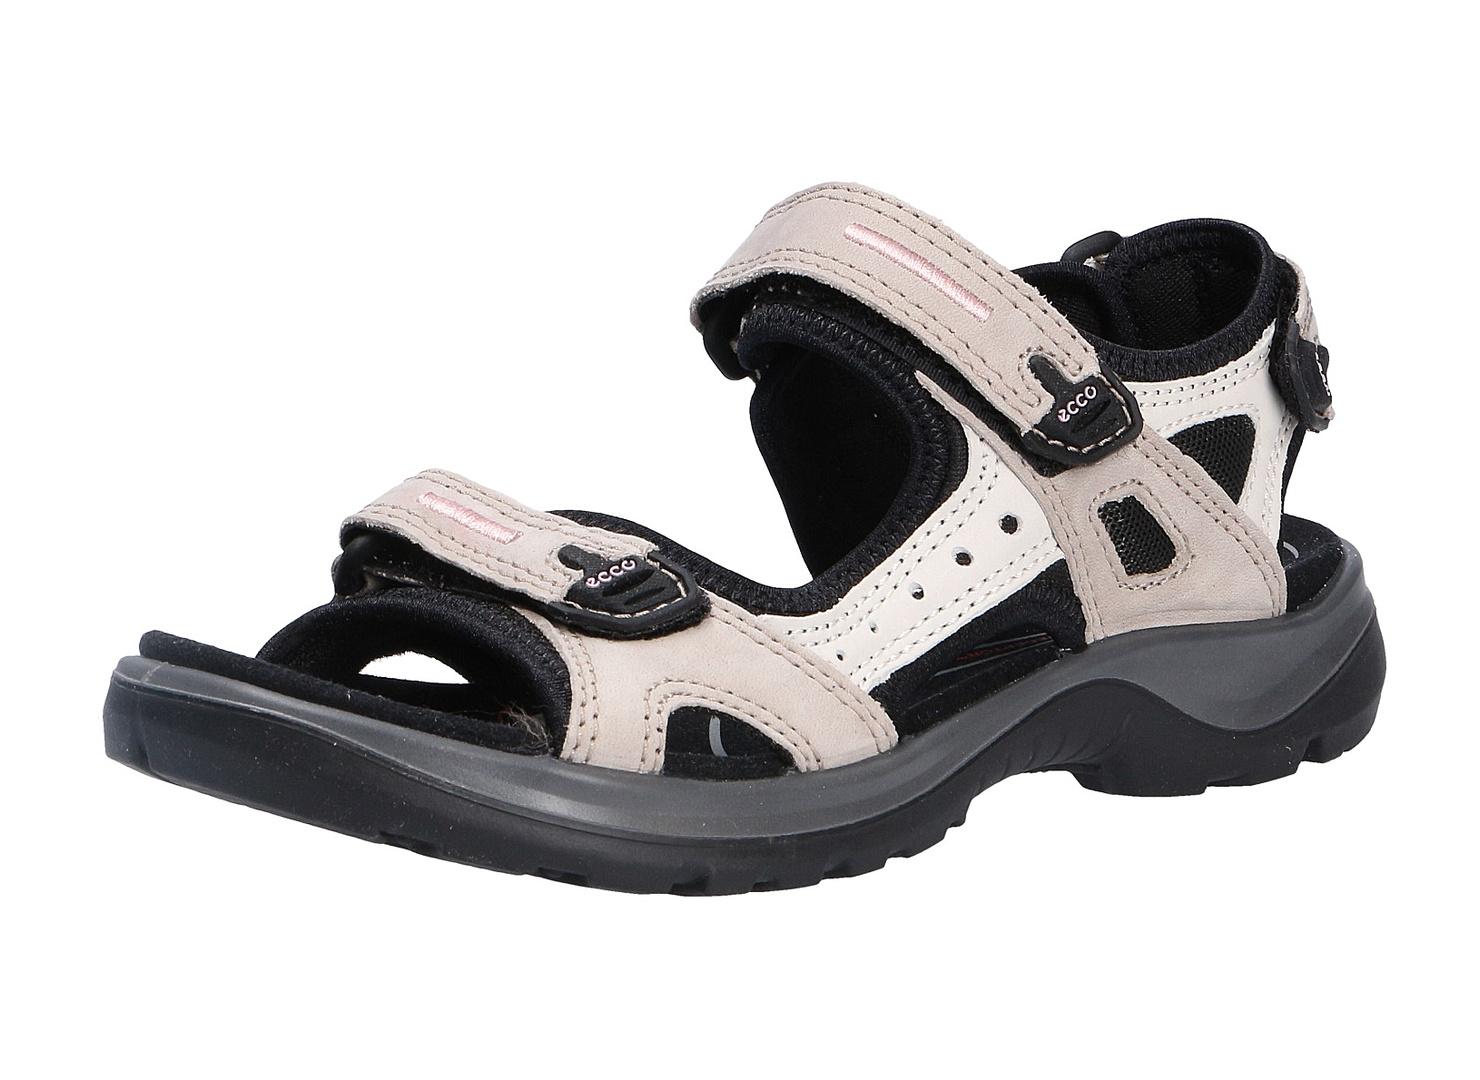 Ecco Damen Outdoor Sandale | Outdoor Sandalen | SANDALEN